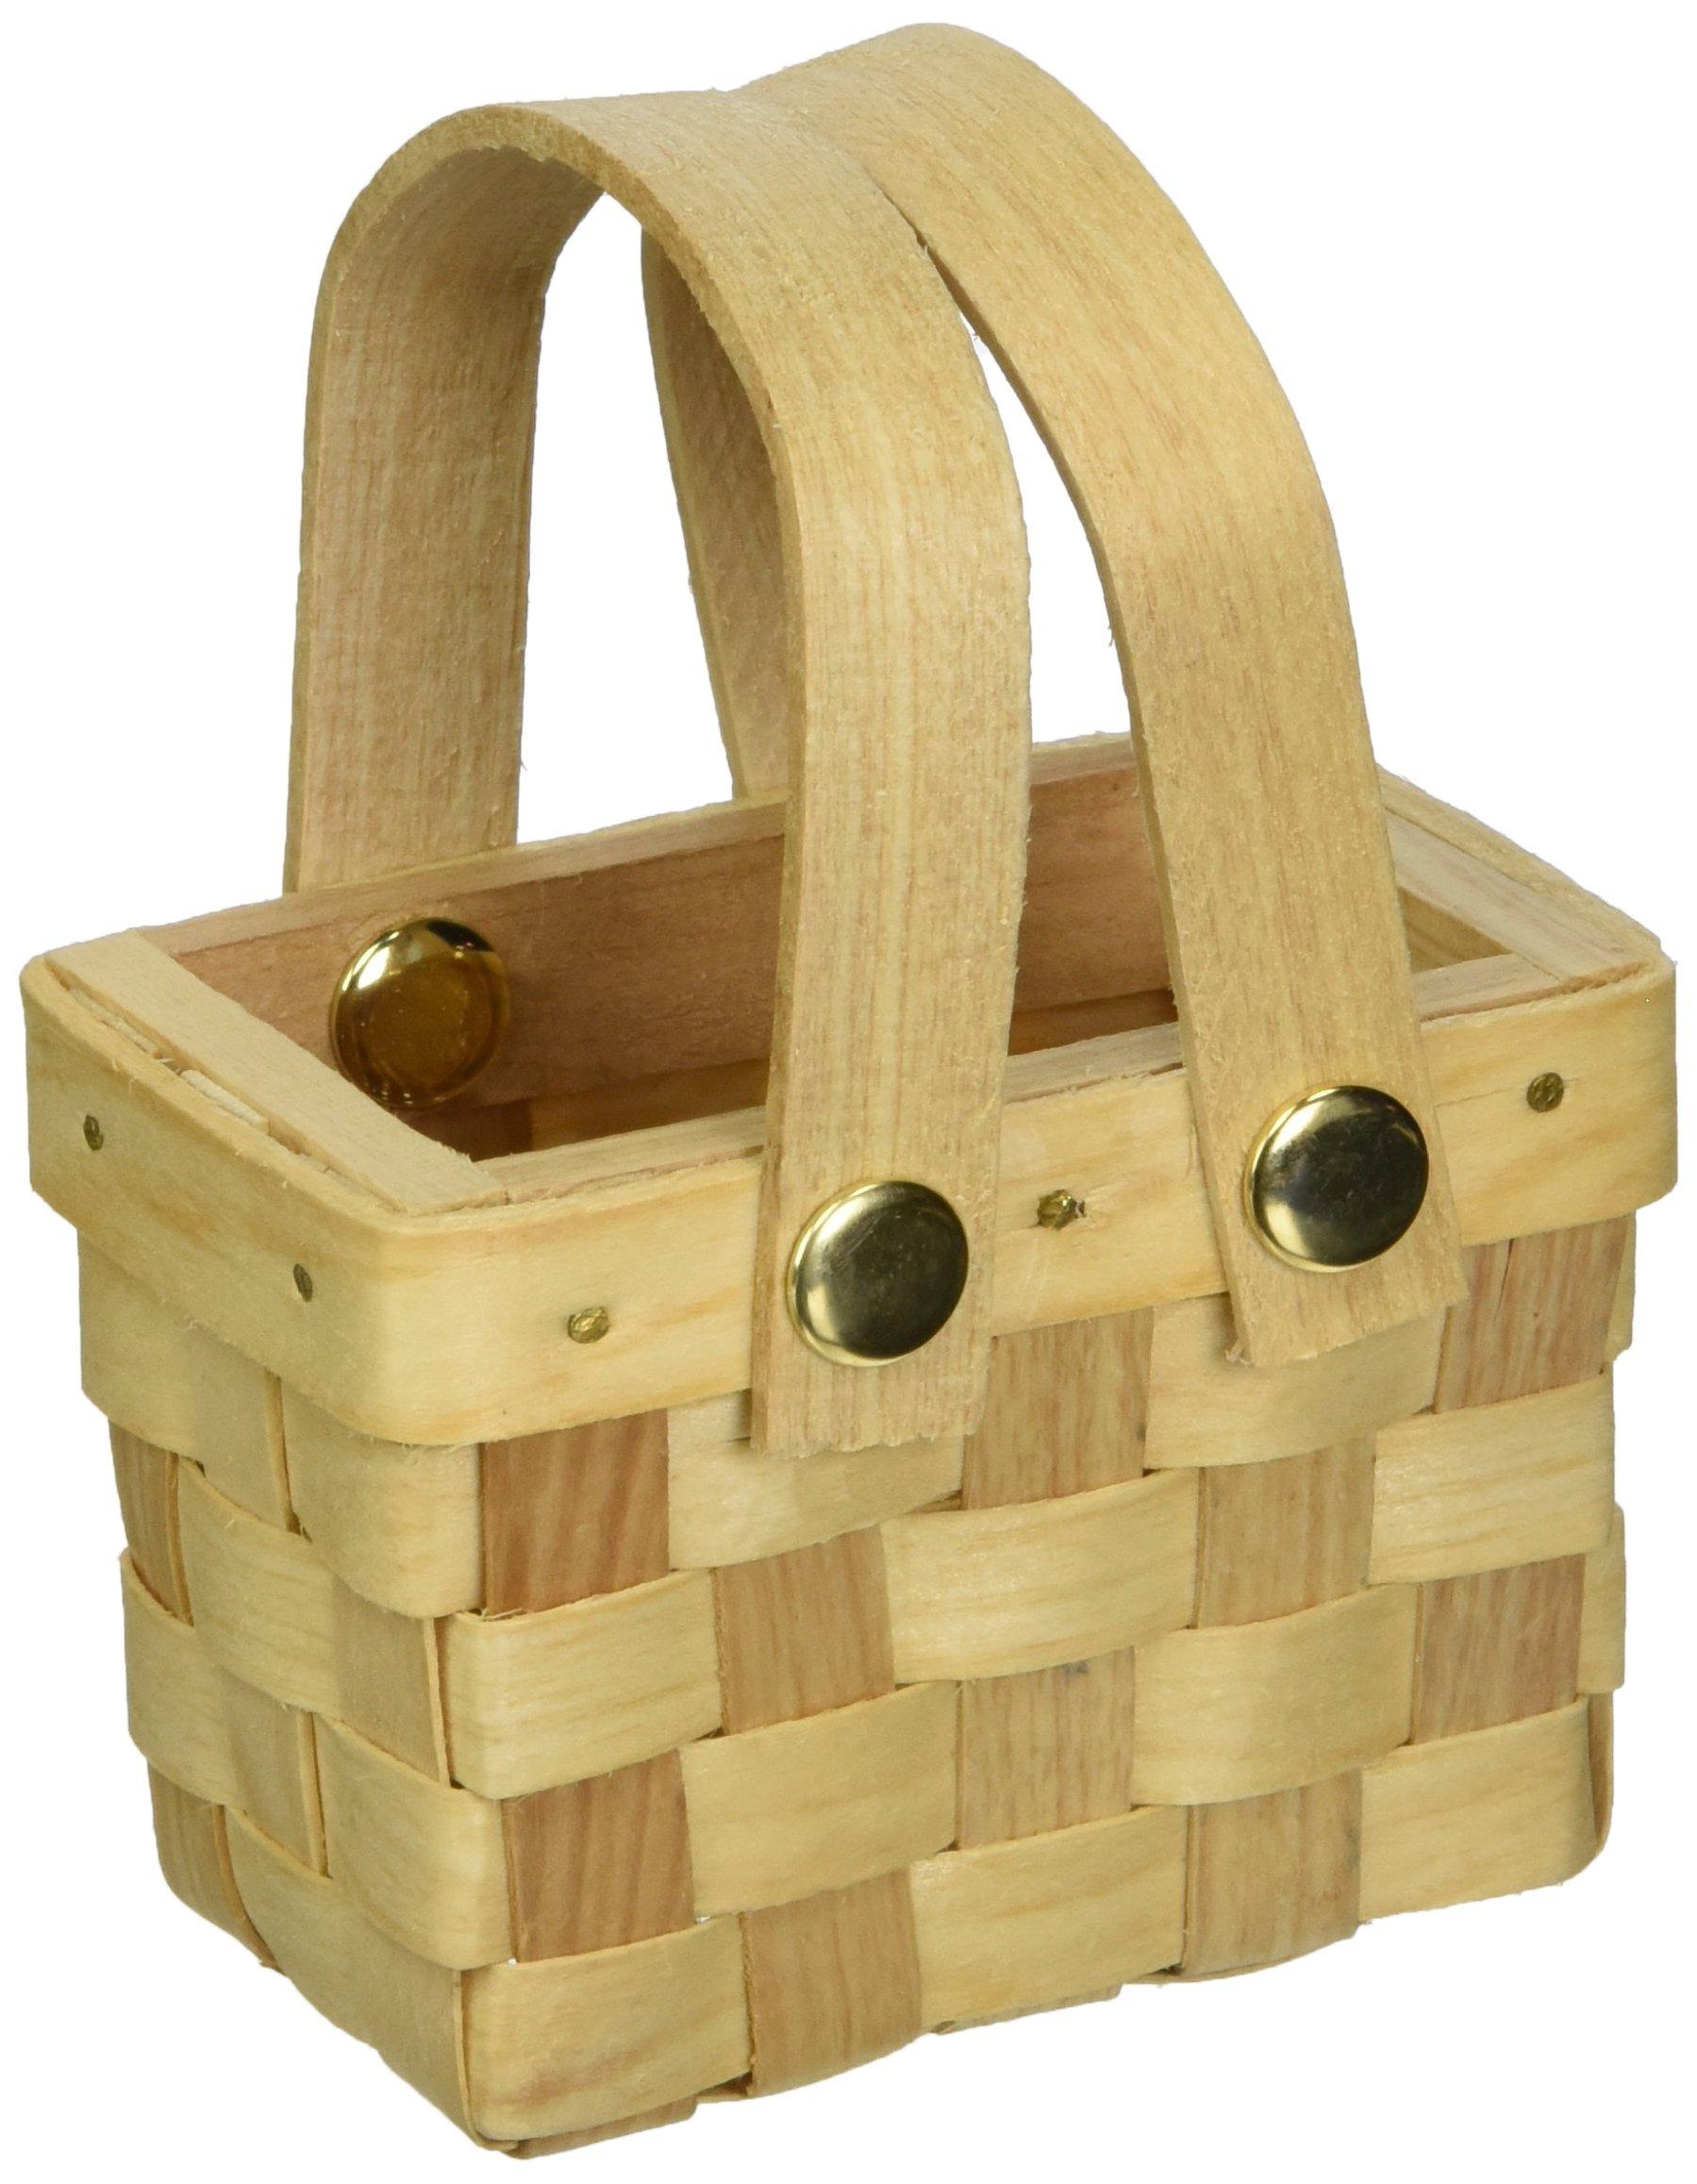 Weddingstar 9155 Mini Woven Picnic Baskets -6 by Weddingstar Inc.